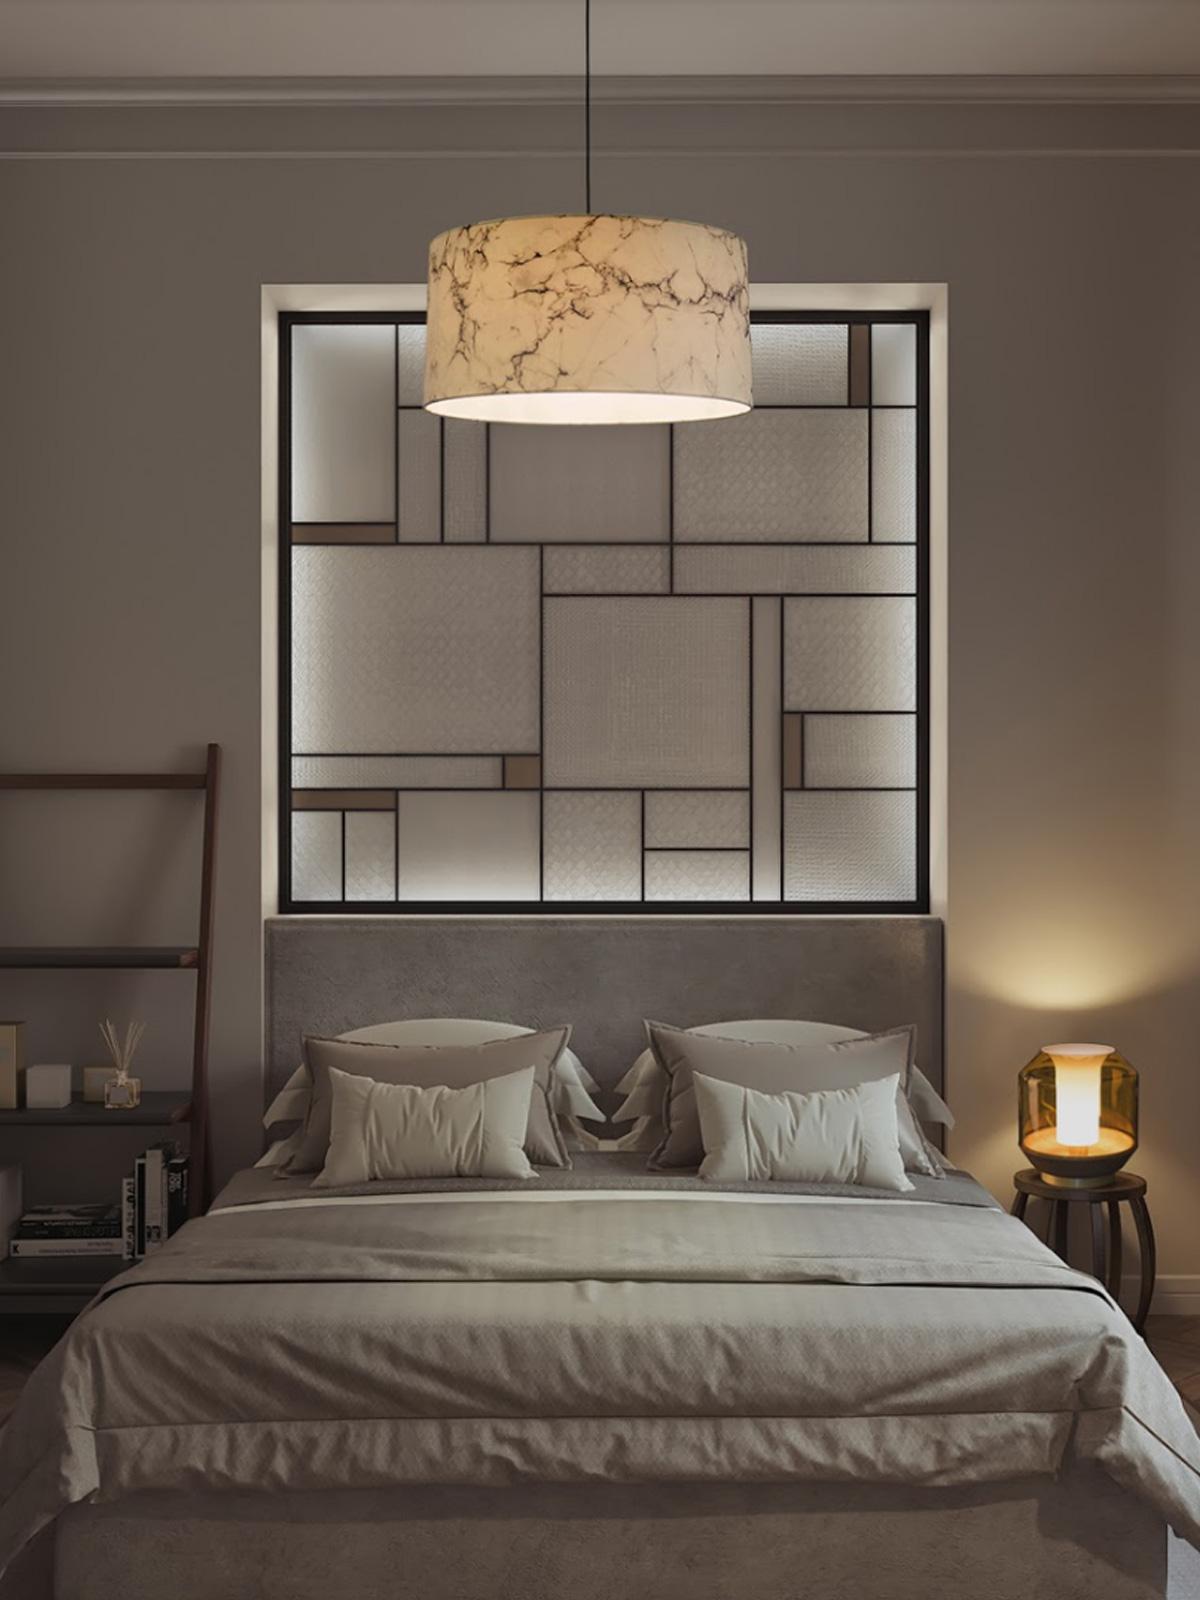 DesignOrt Blog: Designerleuchten aus Marmor Marble von Innermost